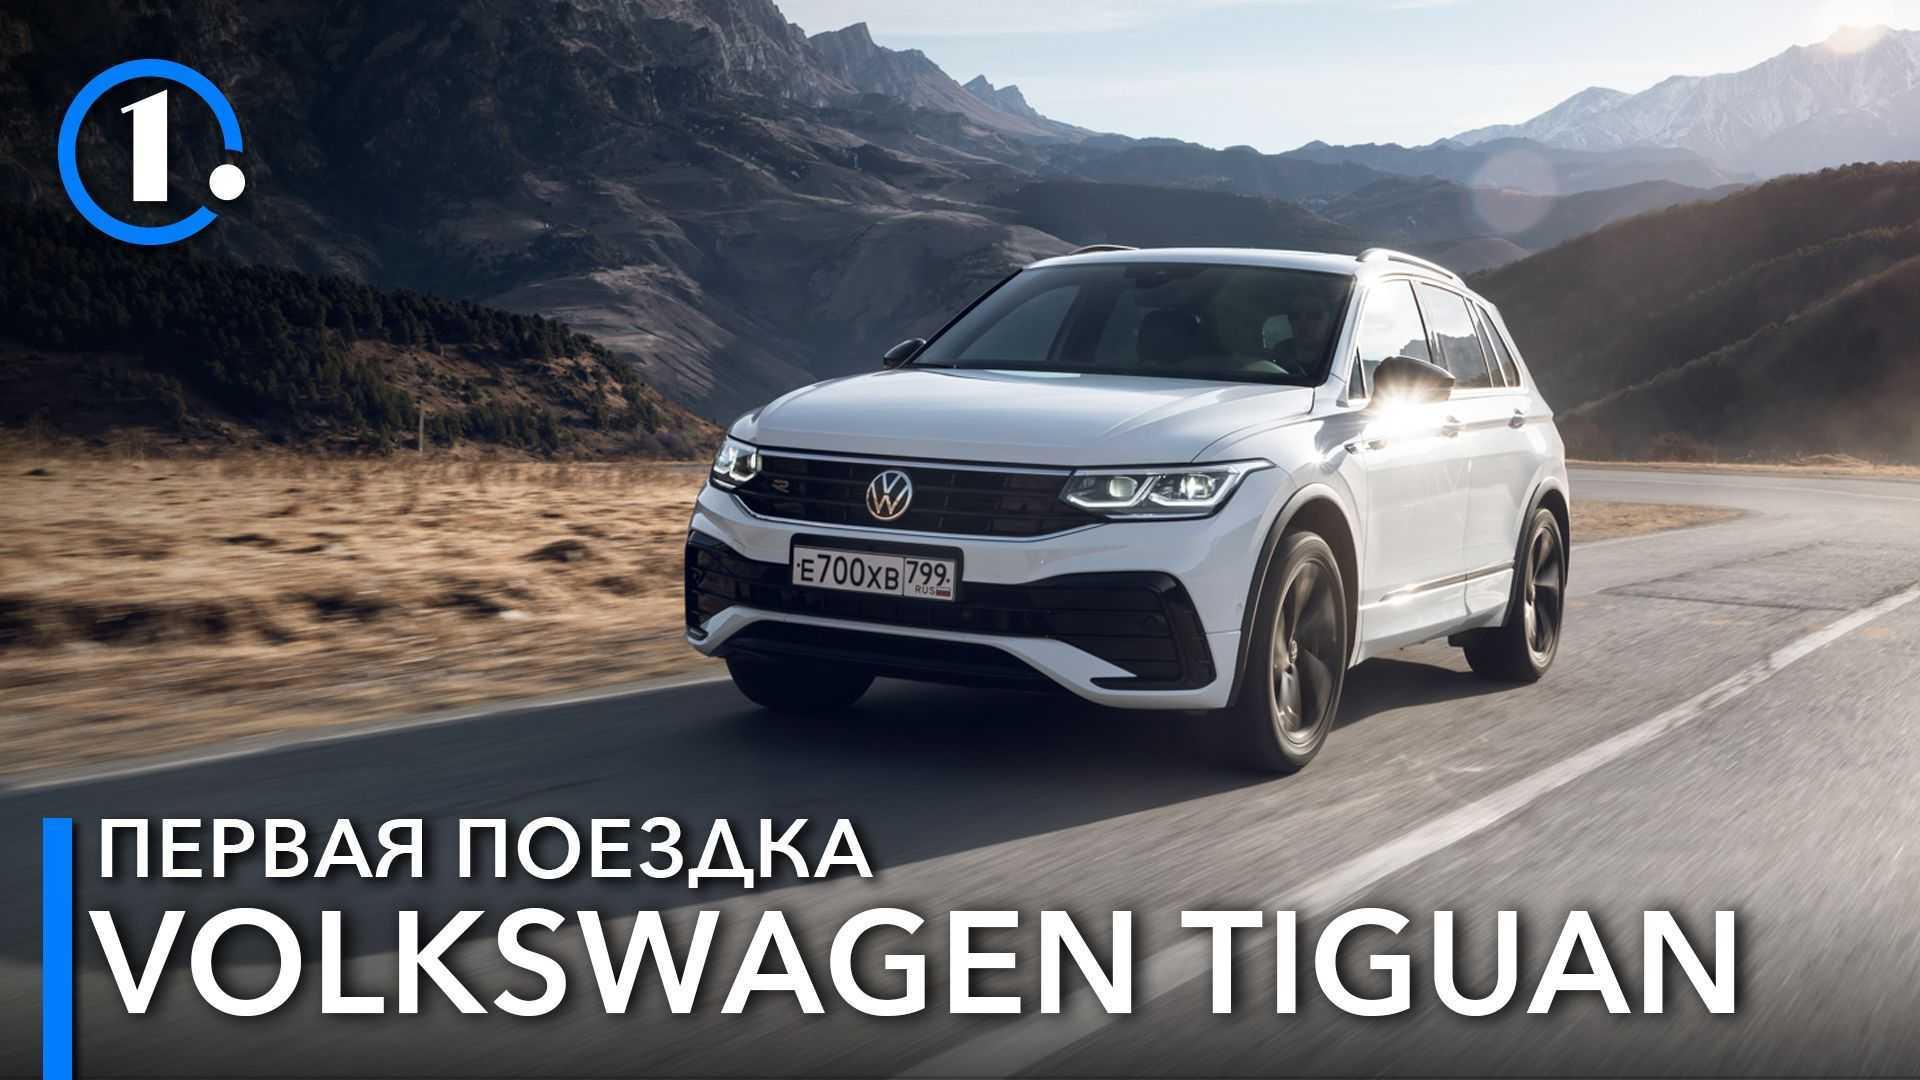 Царь горы: как и чем Volkswagen Tiguan планирует побить RAV4?